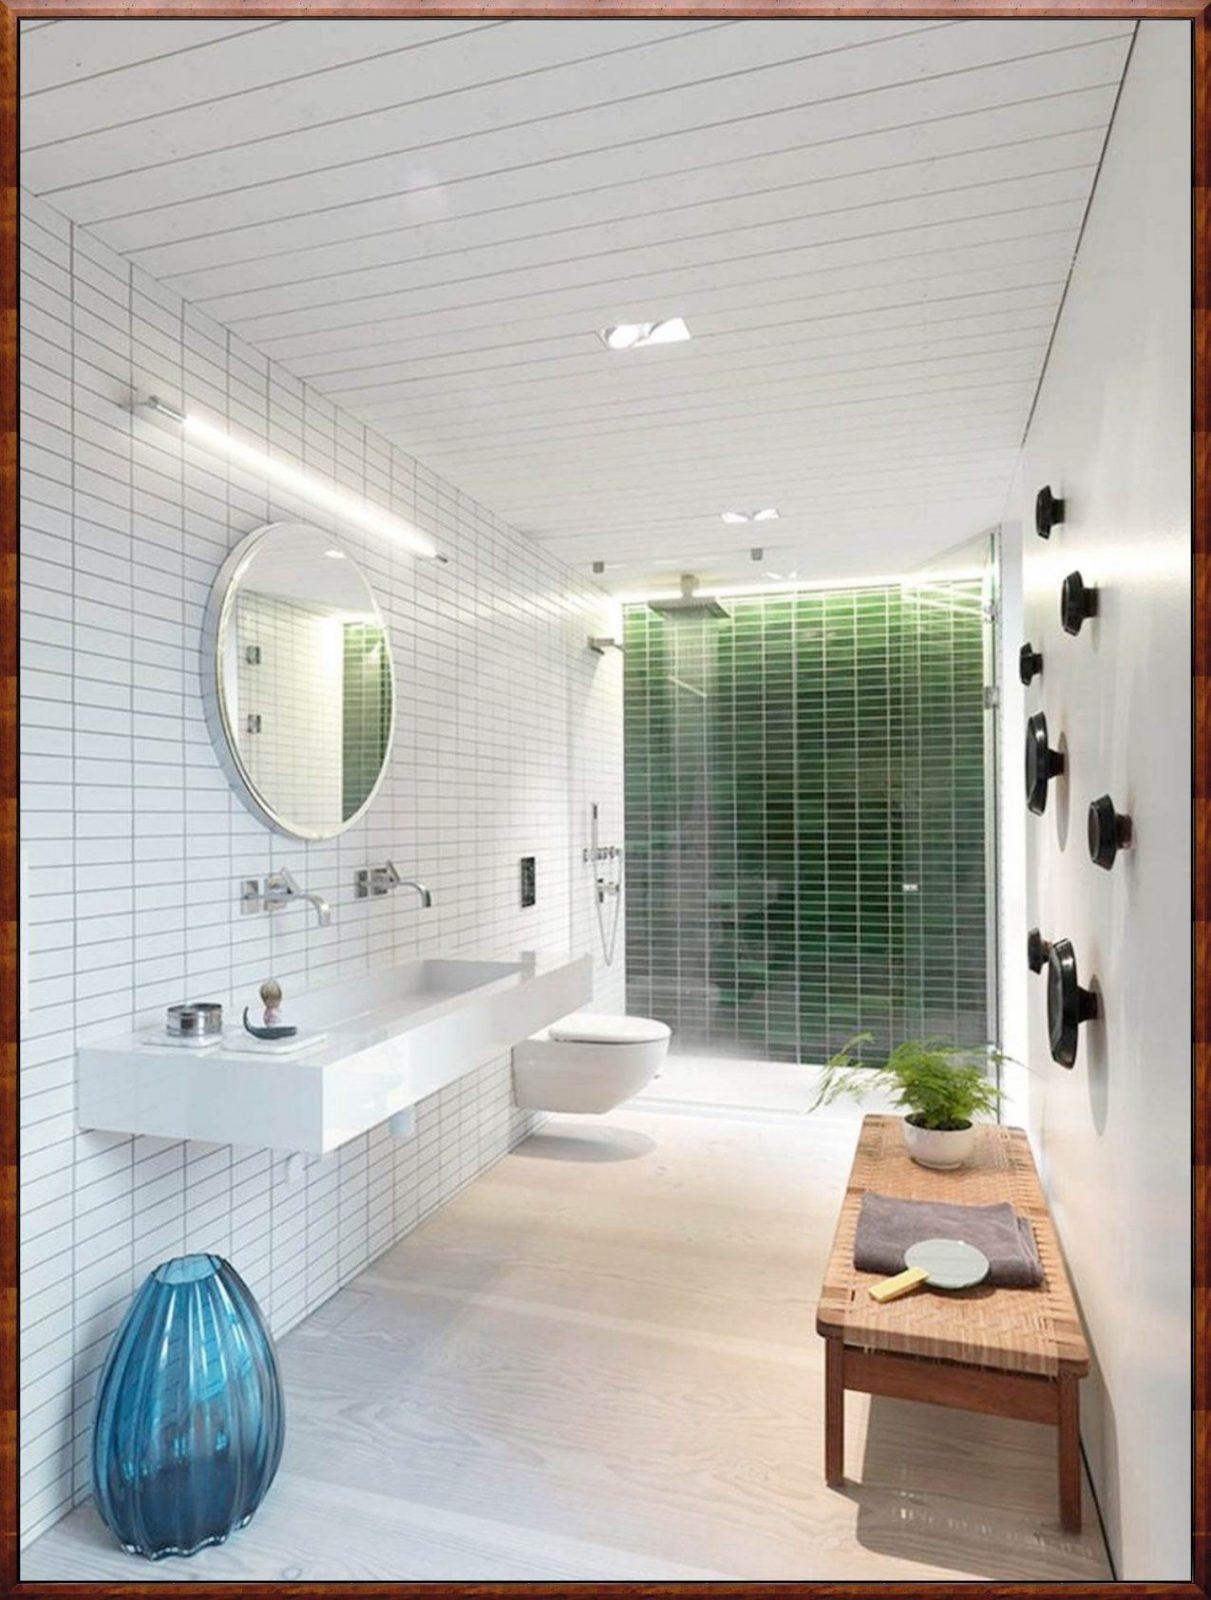 Mosaikfliesen Mit Erfreulich Badezimmer Gold Trkis  Wohndesign von Mosaik Fliesen Türkis Bad Bild